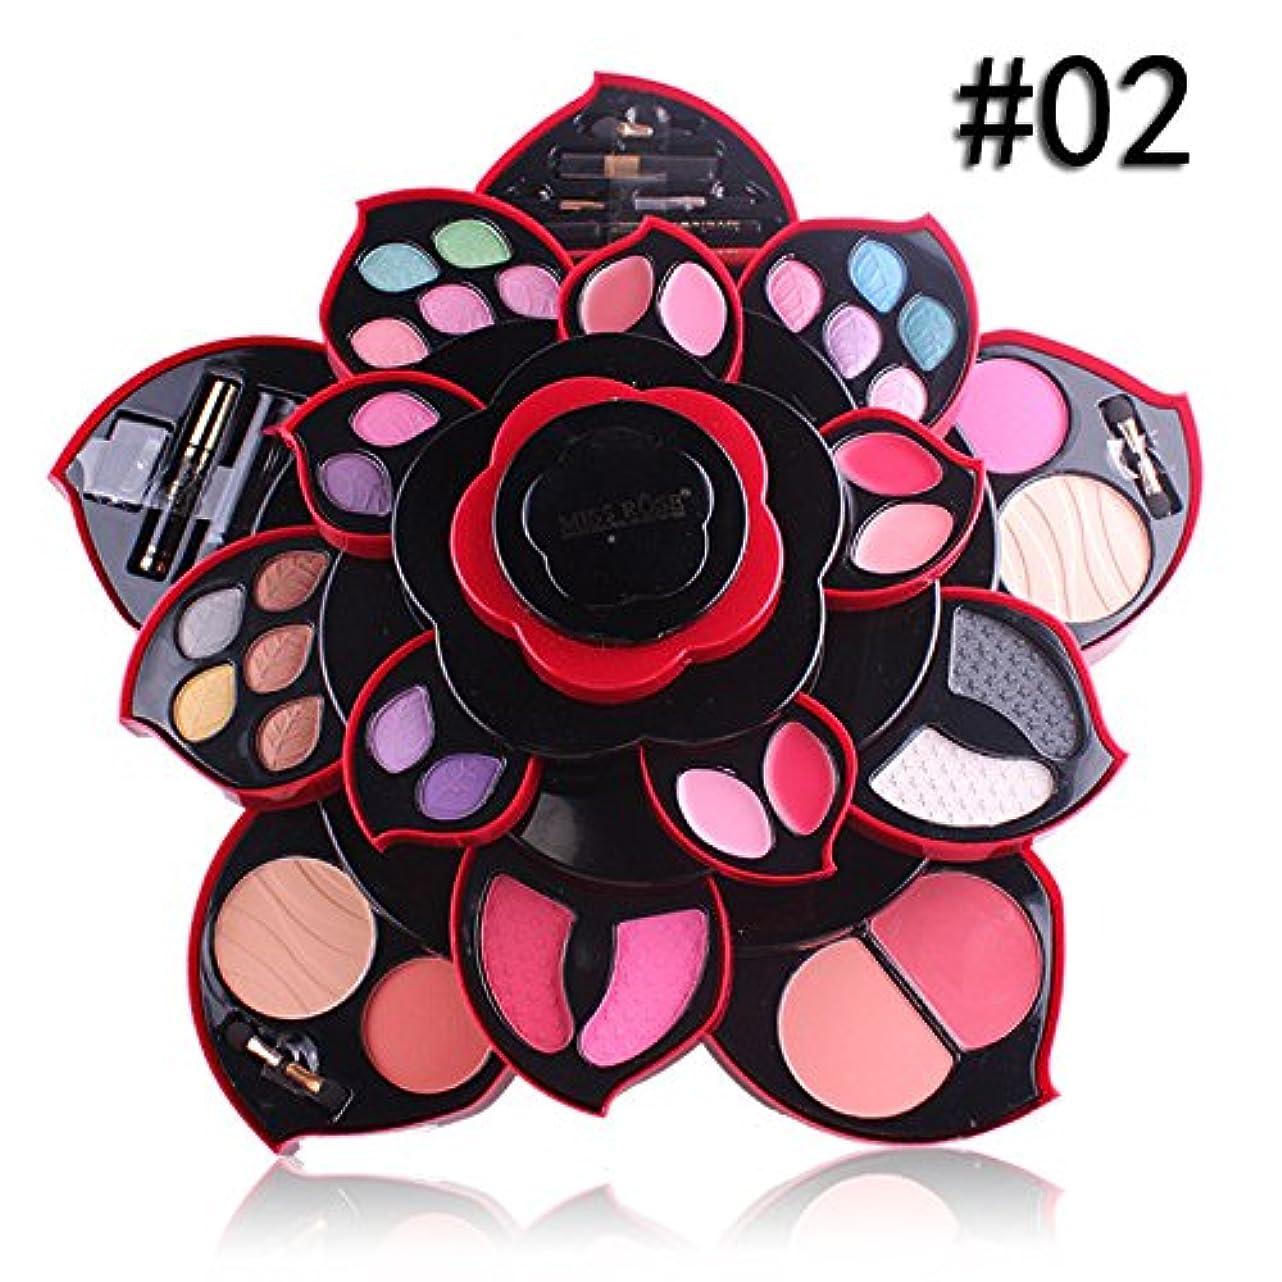 調子杖集団的ビューティー アイシャドー BOBOGOJP アイシャドウセット ファッション 23色 梅の花デザイン メイクボックス 回転多機能化粧品 プロ化粧師 メイクの達人 プレゼント (B)